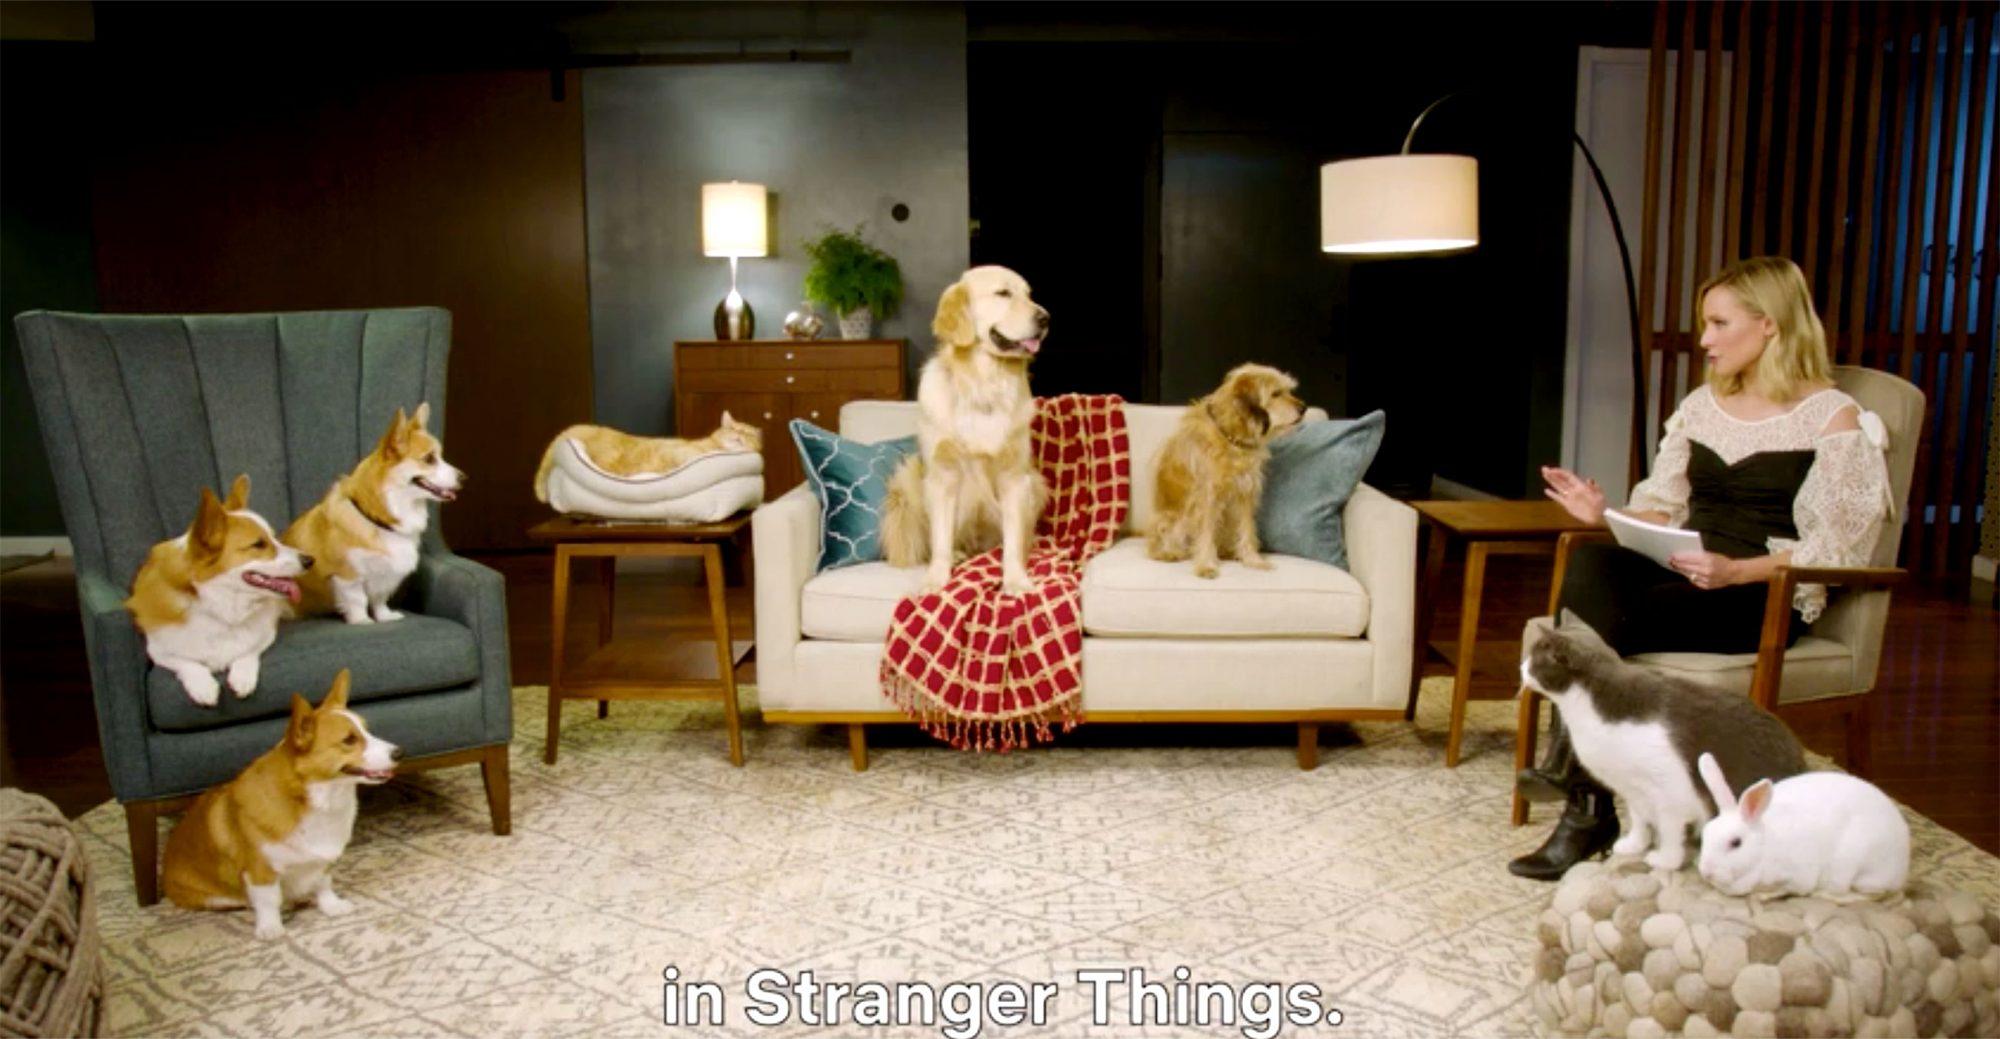 Kristen Bell interviews Netflix's dog stars Credit: Netflix